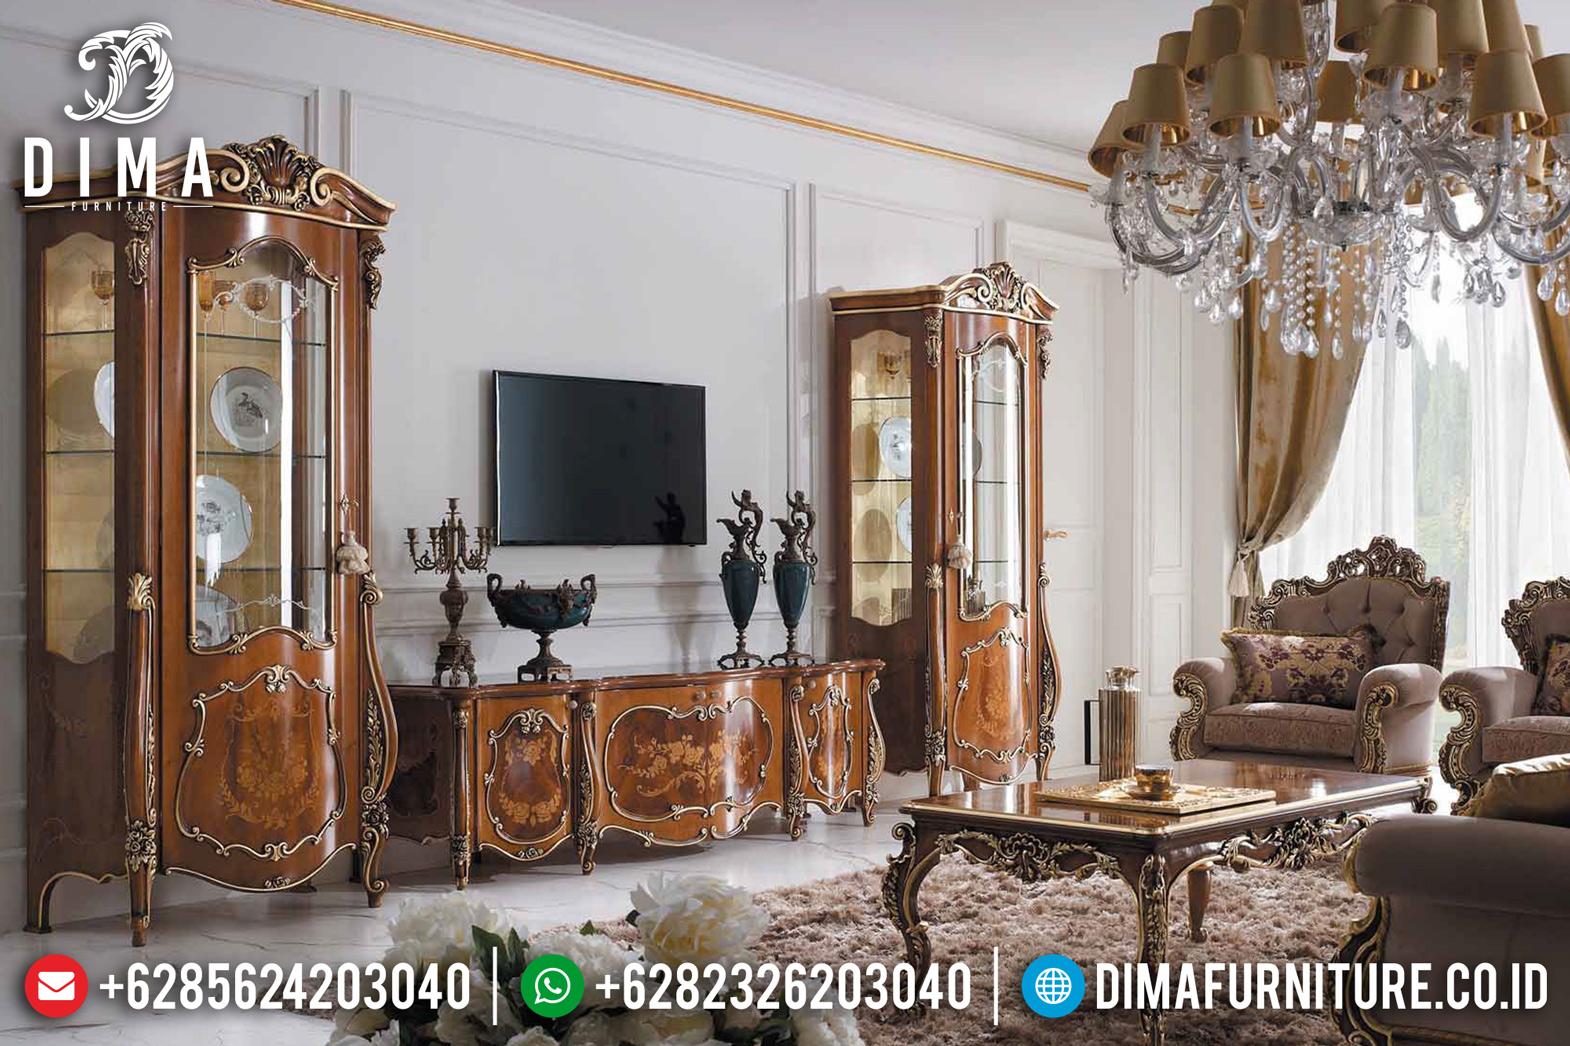 Set Bufet Tv Klasik Mewah Mebel Jepara Jati Terbaru MM-0545